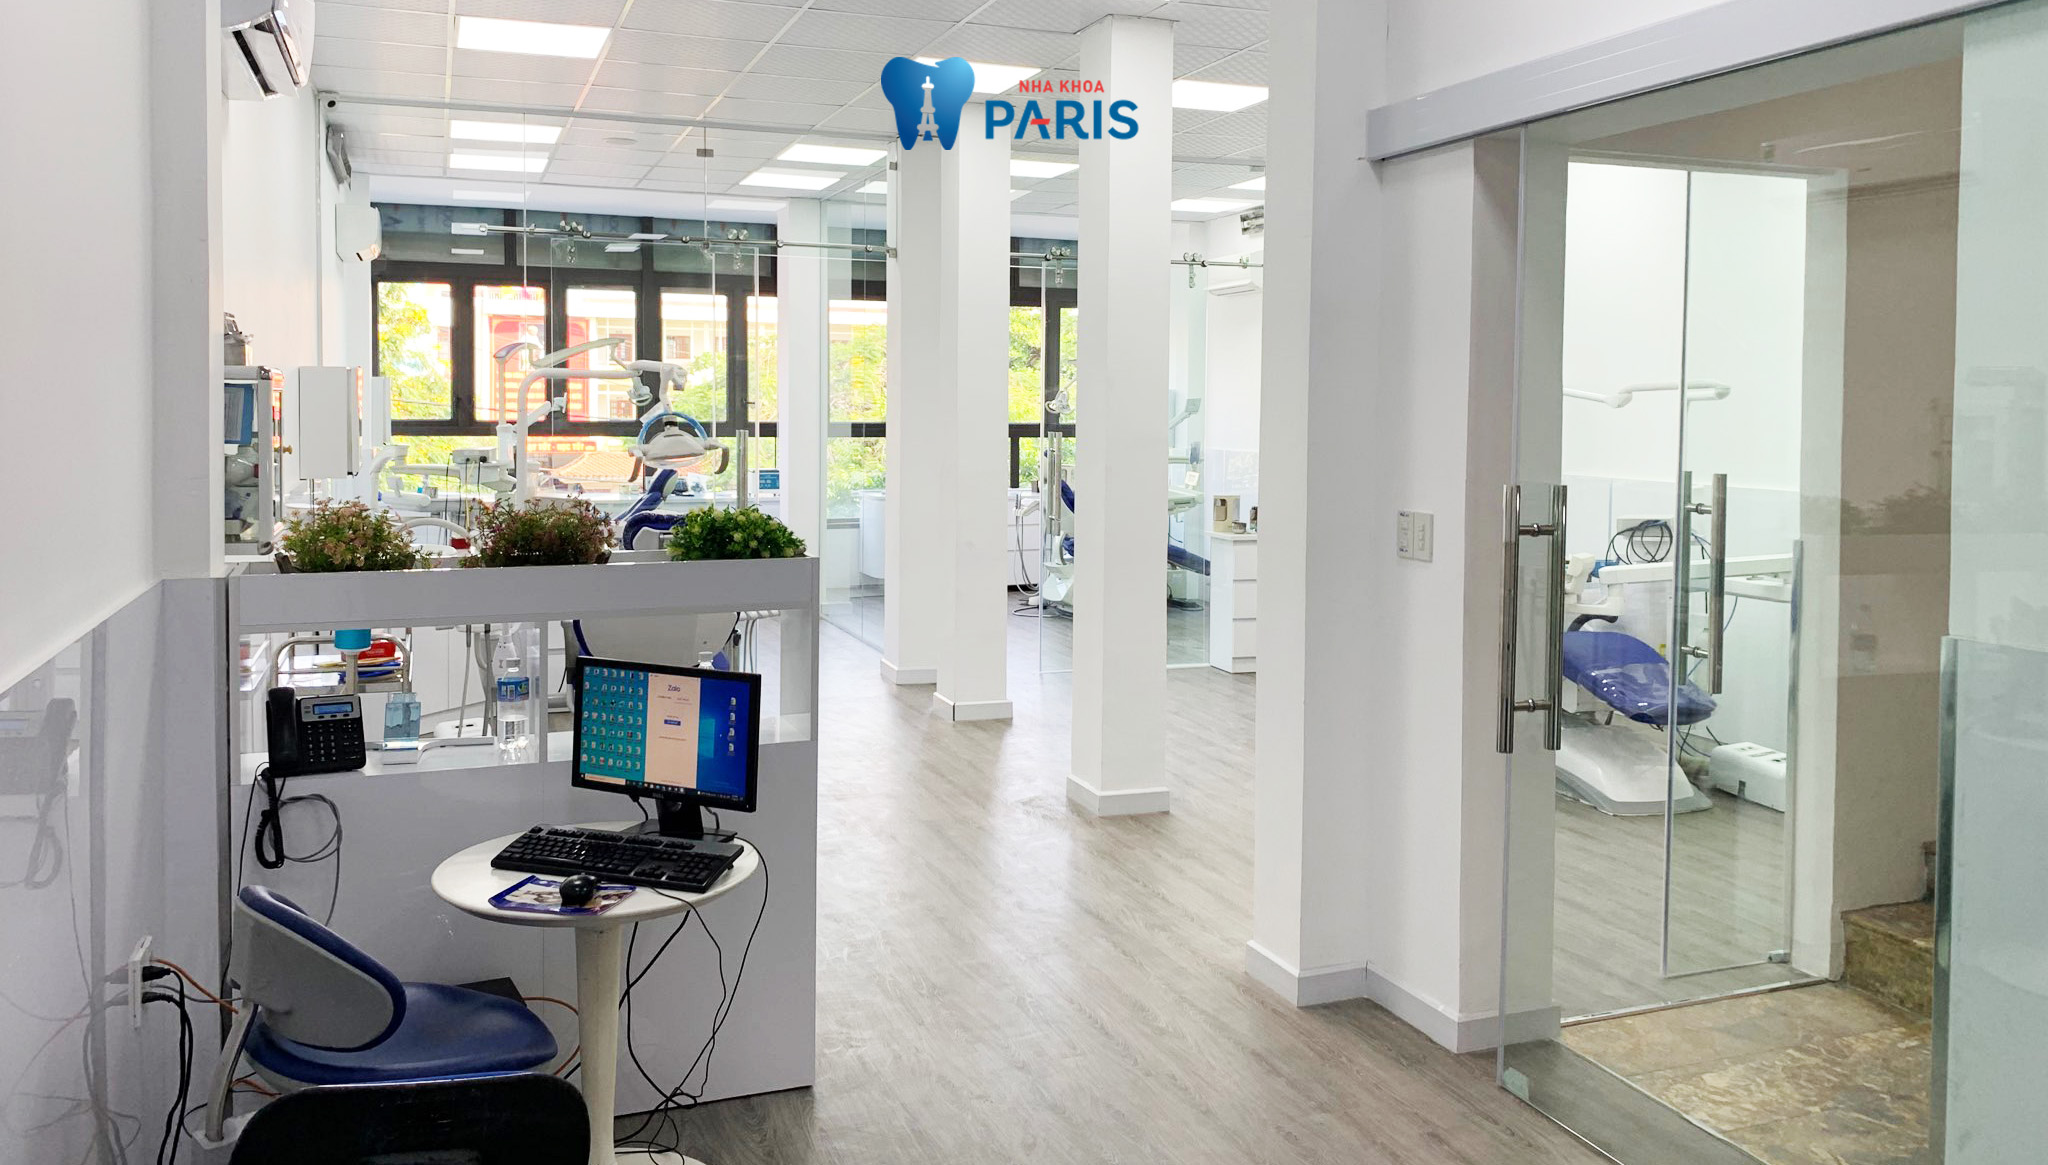 Cơ sở vật chất xứng tầm tiêu chuẩn Pháp tại nha khoa Paris